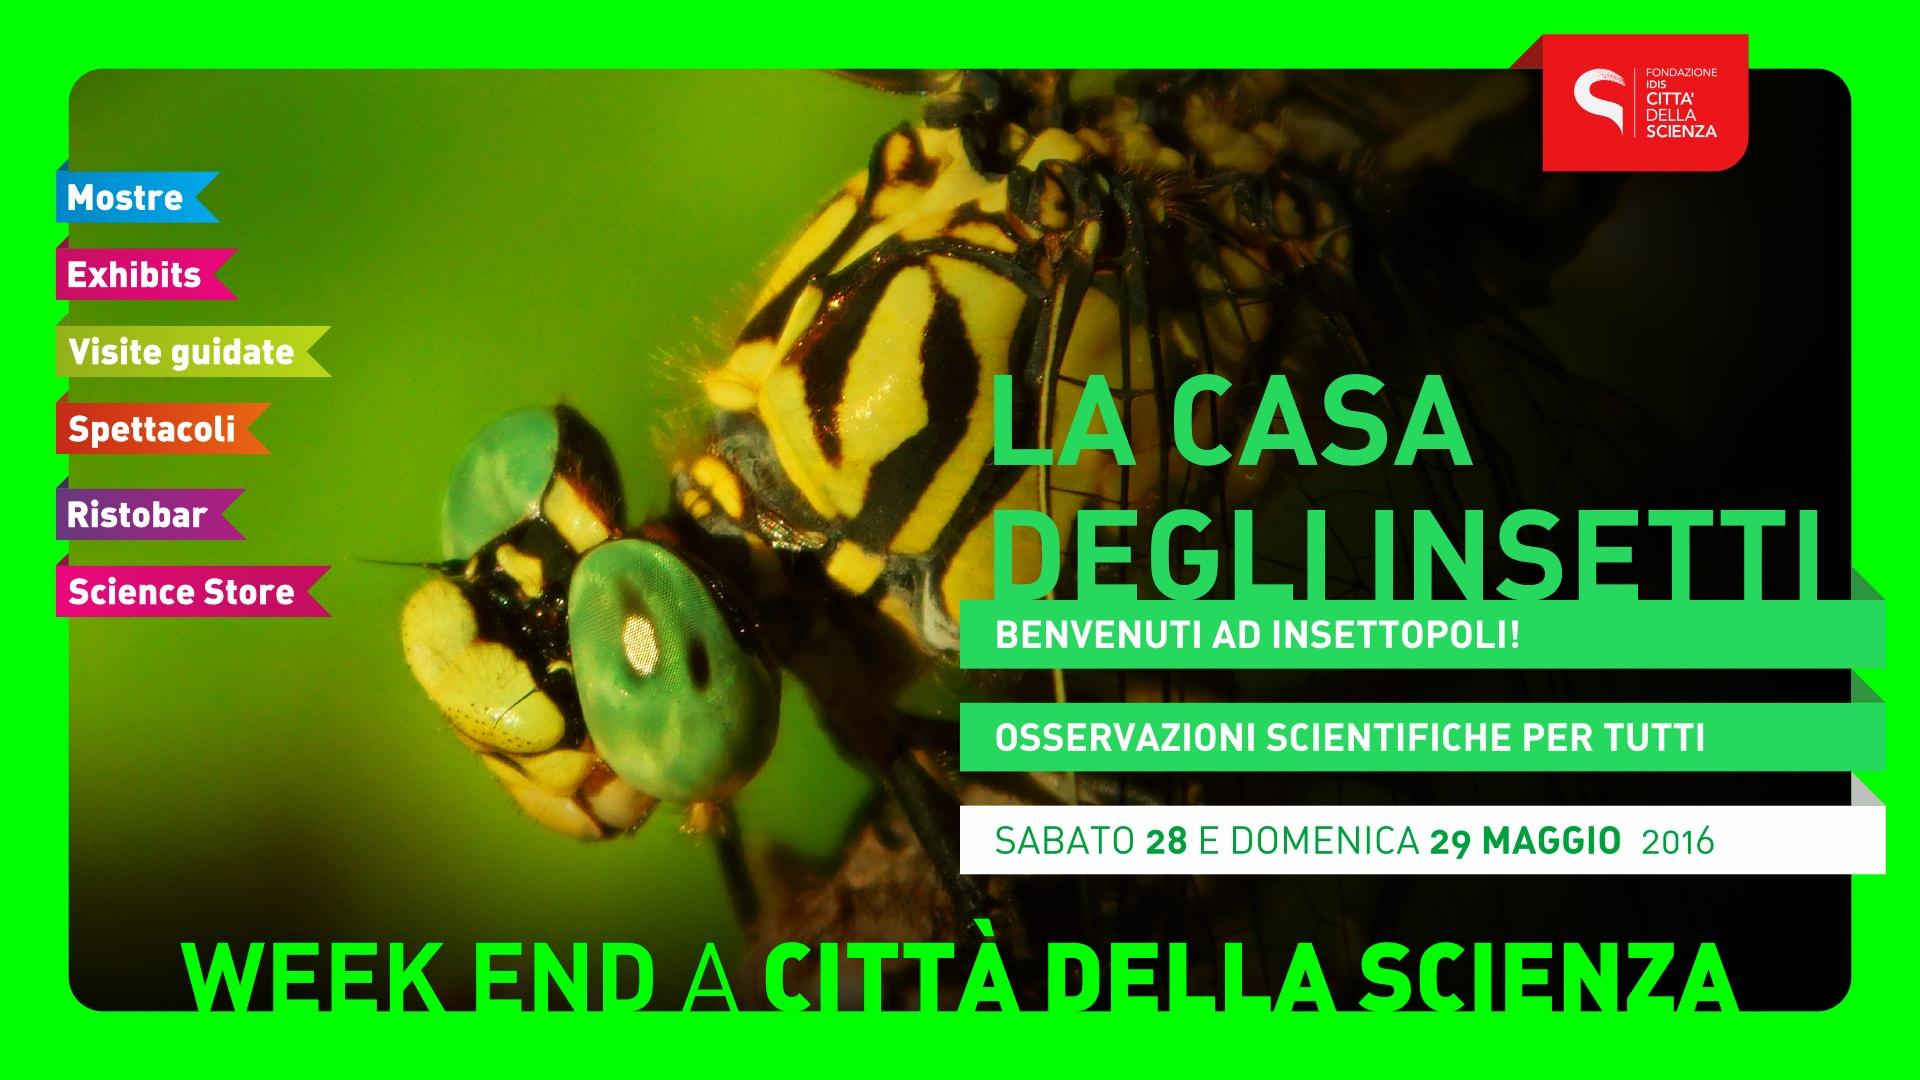 CASA_DEGLI_INSETTI_1920_x_1080_px-min